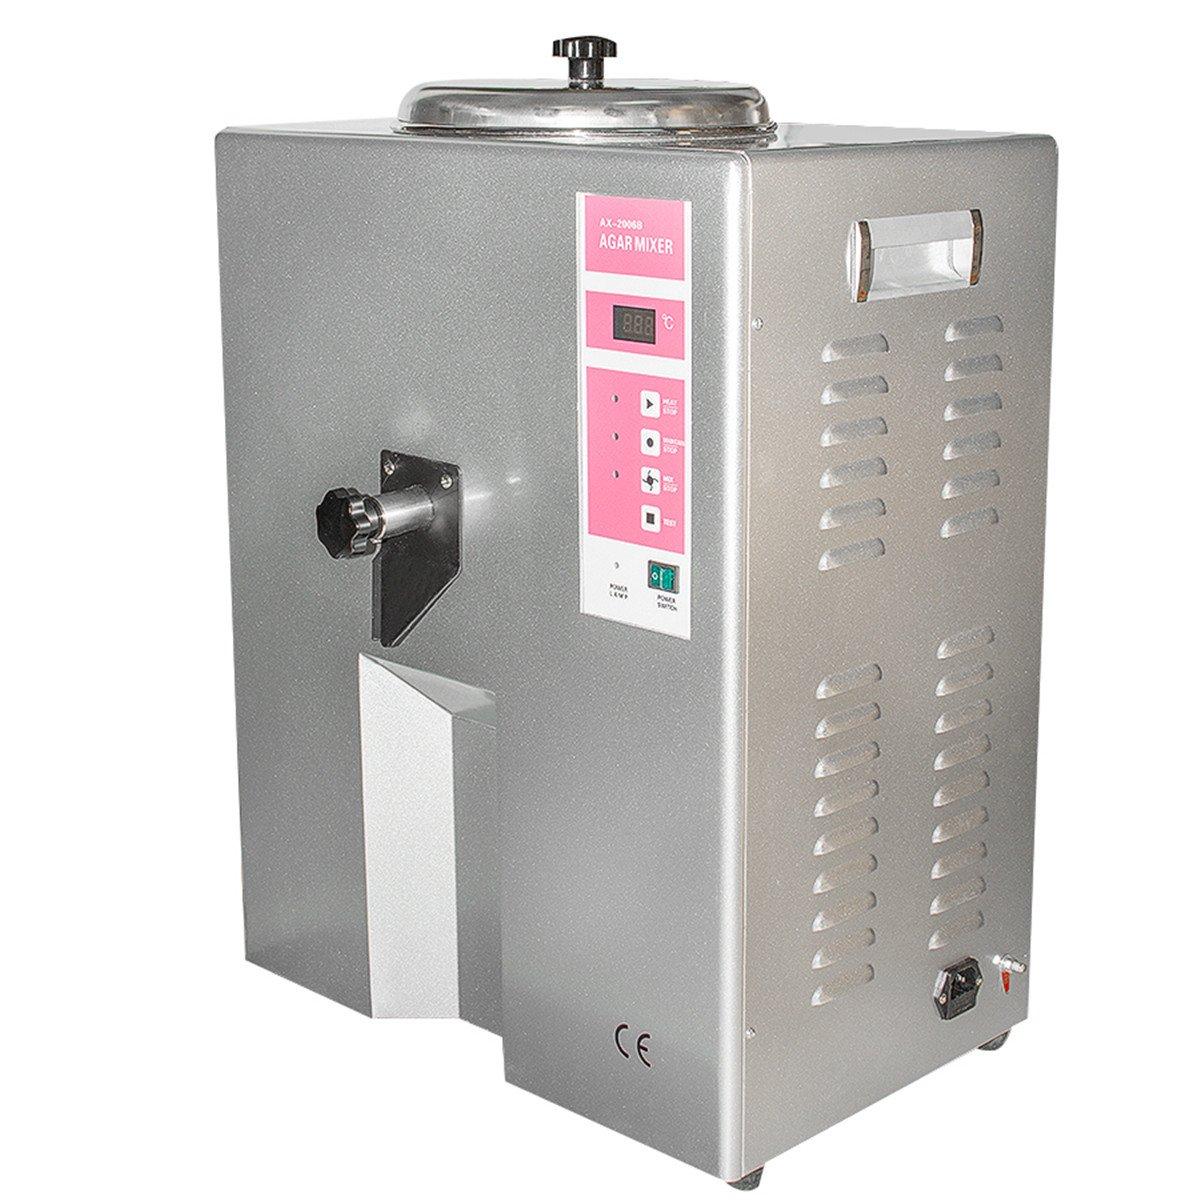 Dental Lab Equipment Duplicating Machine Agar Gel Mixer Stirrer 500W (110V)